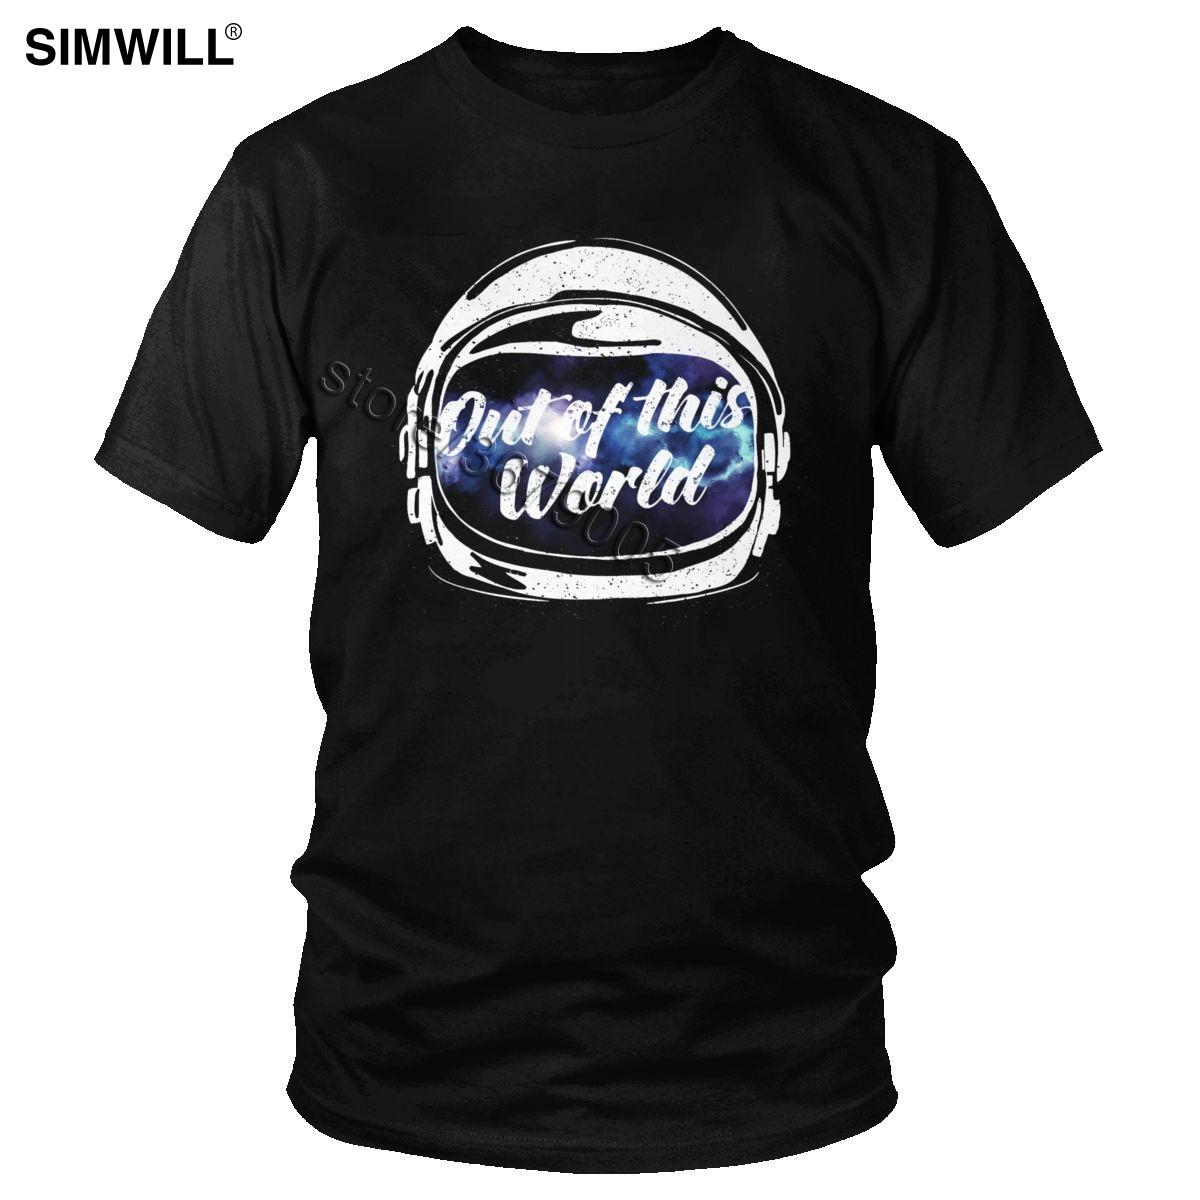 Mode Astronaut aus diesem Wolrd T-Shirts für Männer Breathable Eco Cotton T-Shirt mit Rundhalsausschnitt Kurzarm Raum-T-Shirt